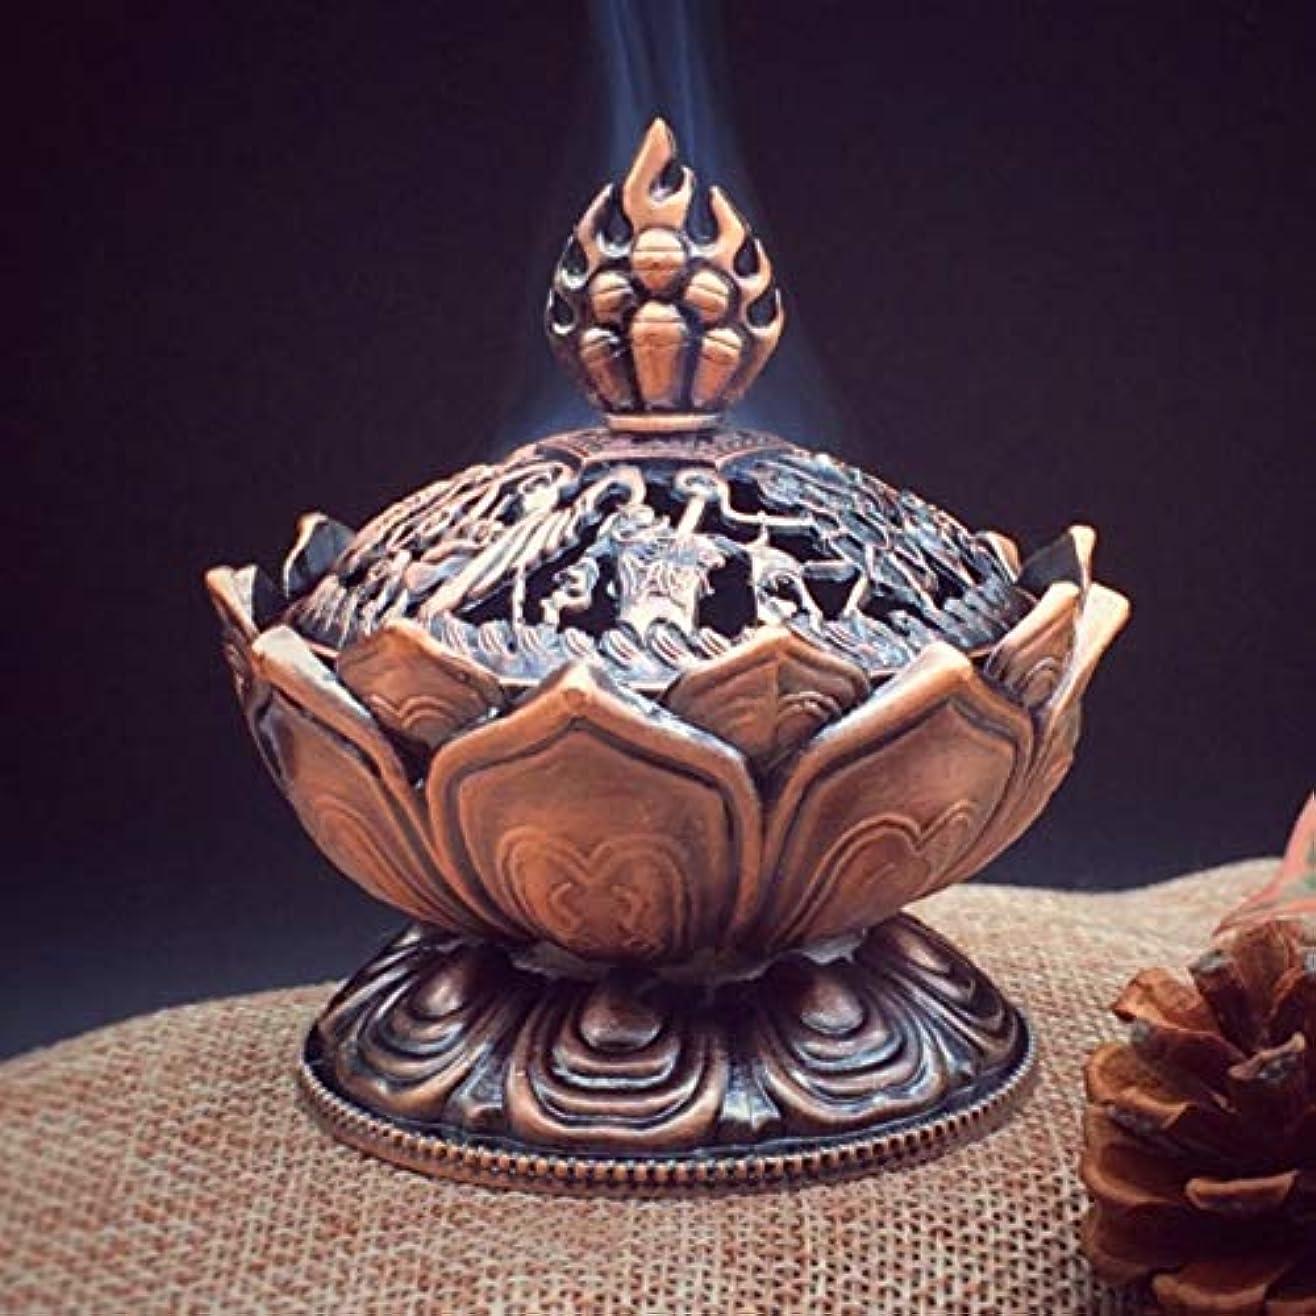 消化飽和する好きHoly Tibetan Lotus Designed Incense Burner Zinc Alloy Bronze Mini Incense Burner Incensory Metal Craft Home Decor